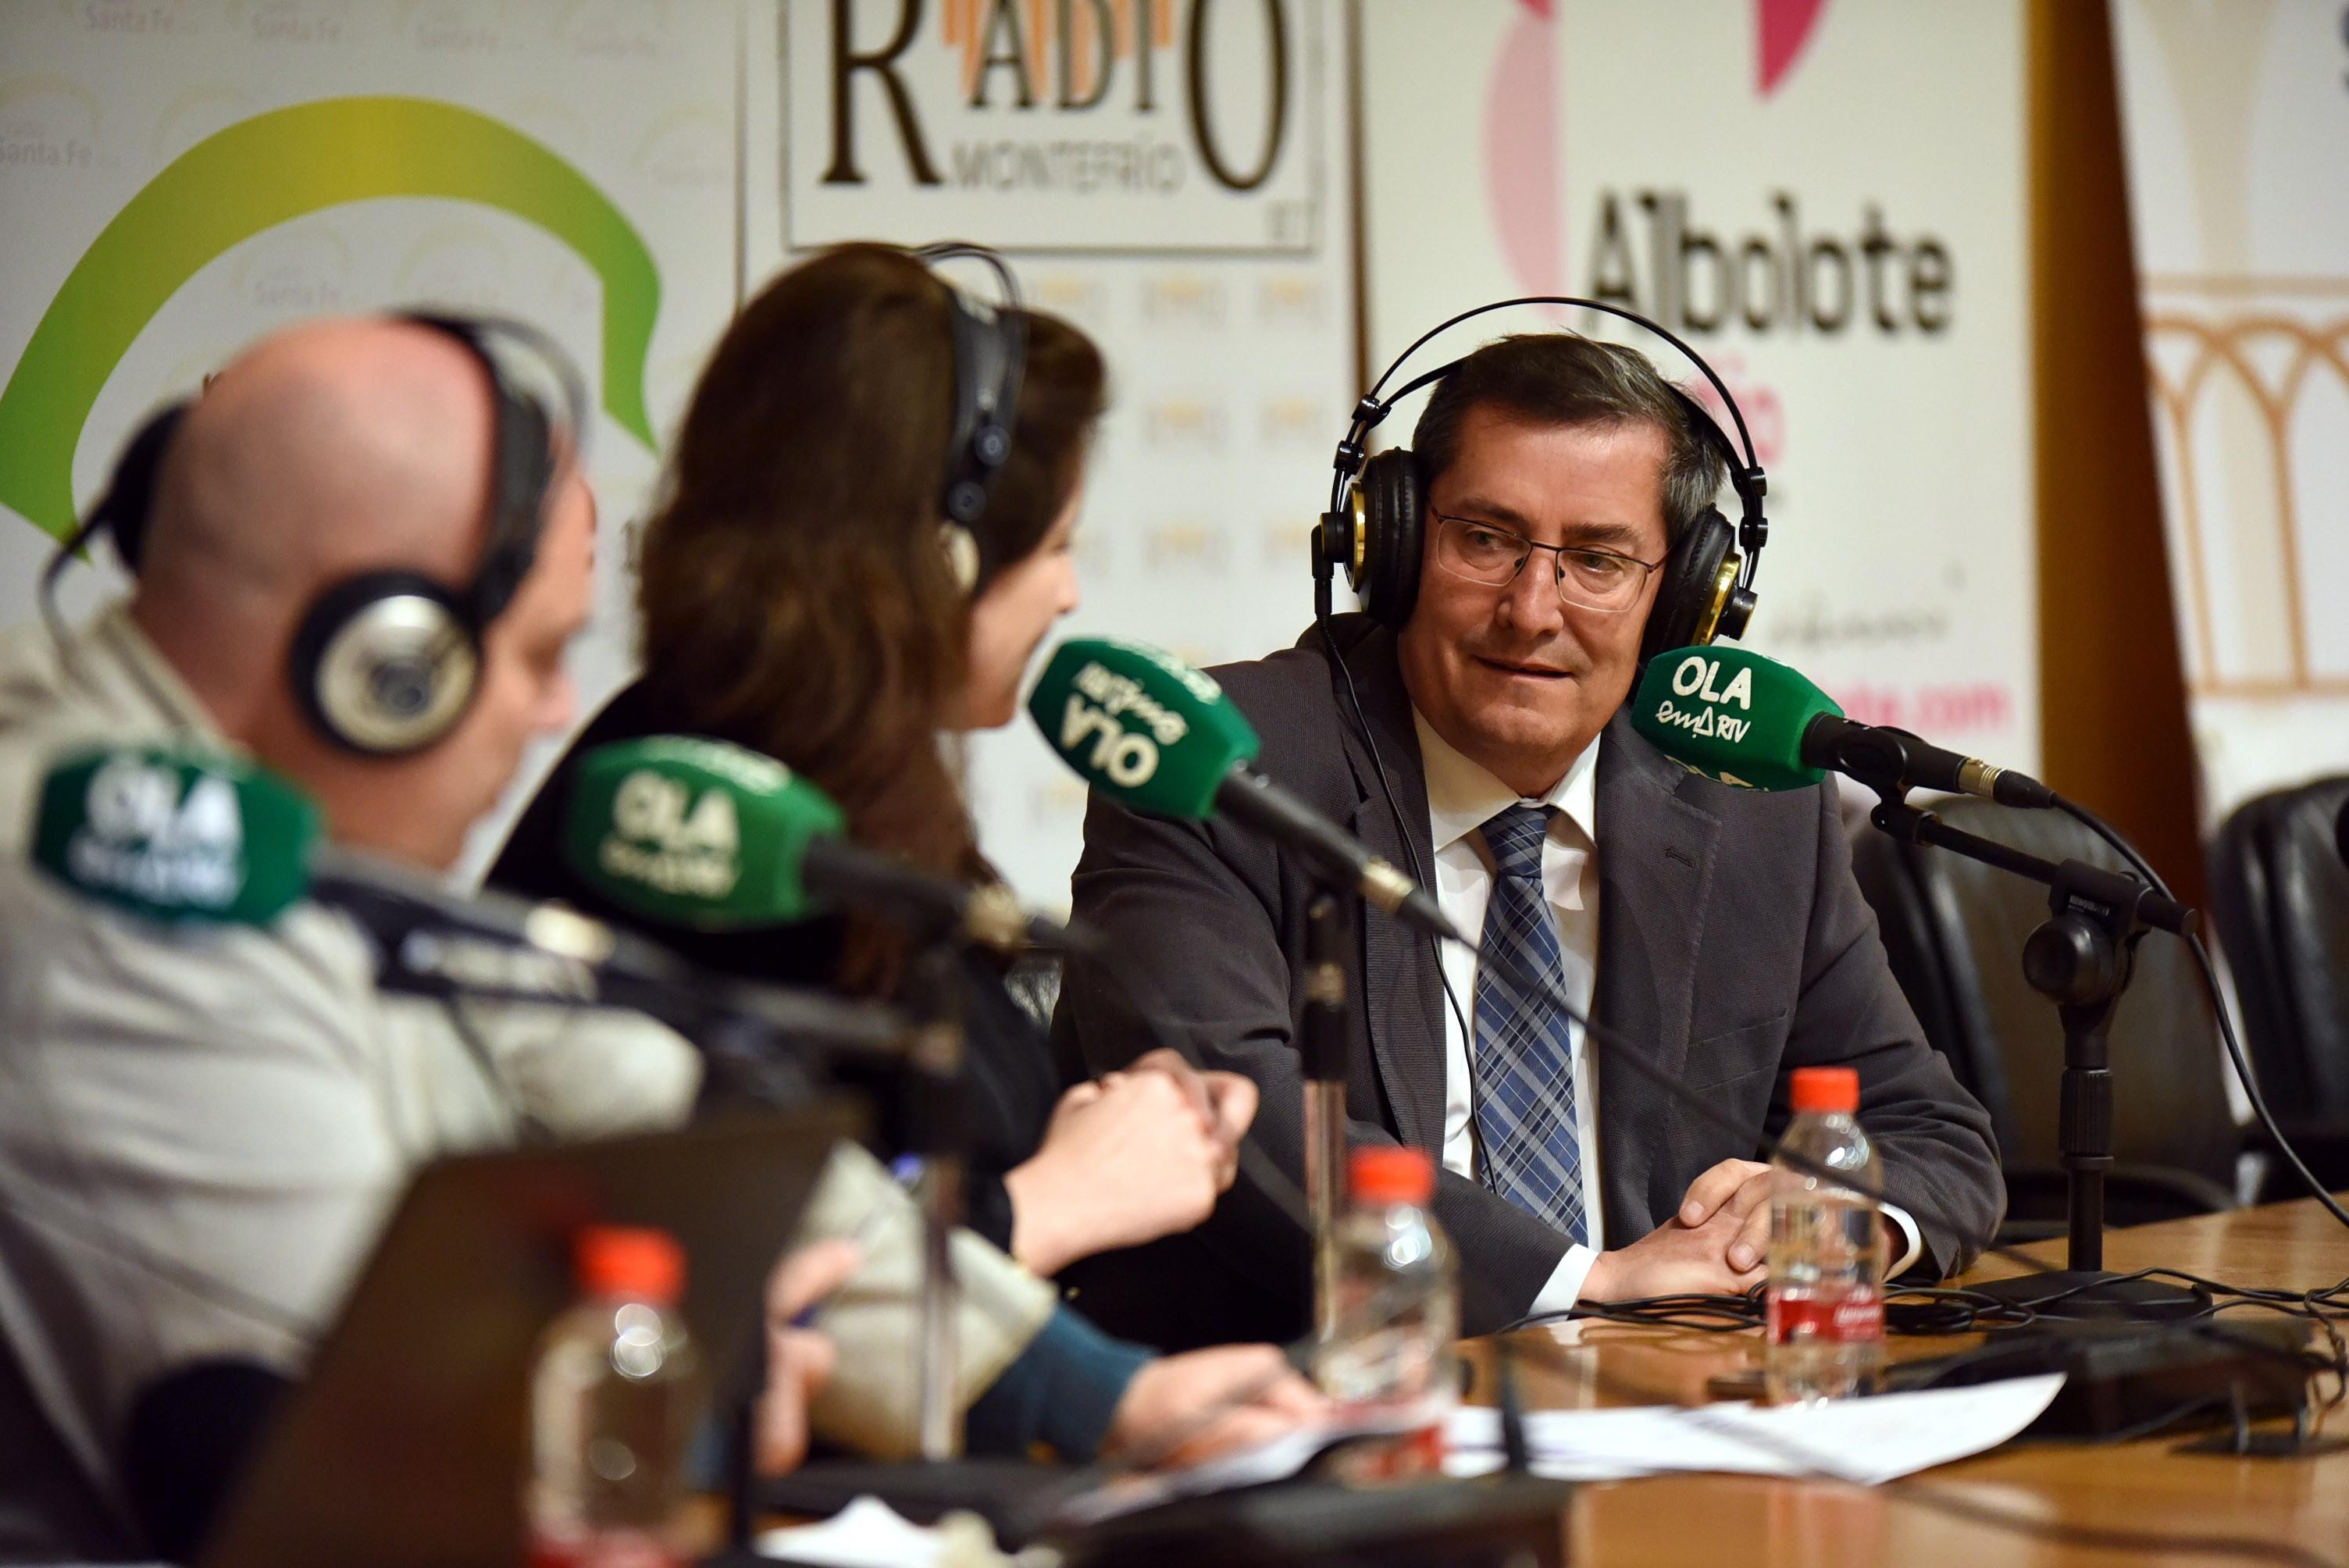 Las emisoras de radio municipales celebran el Día Mundial de la Radio